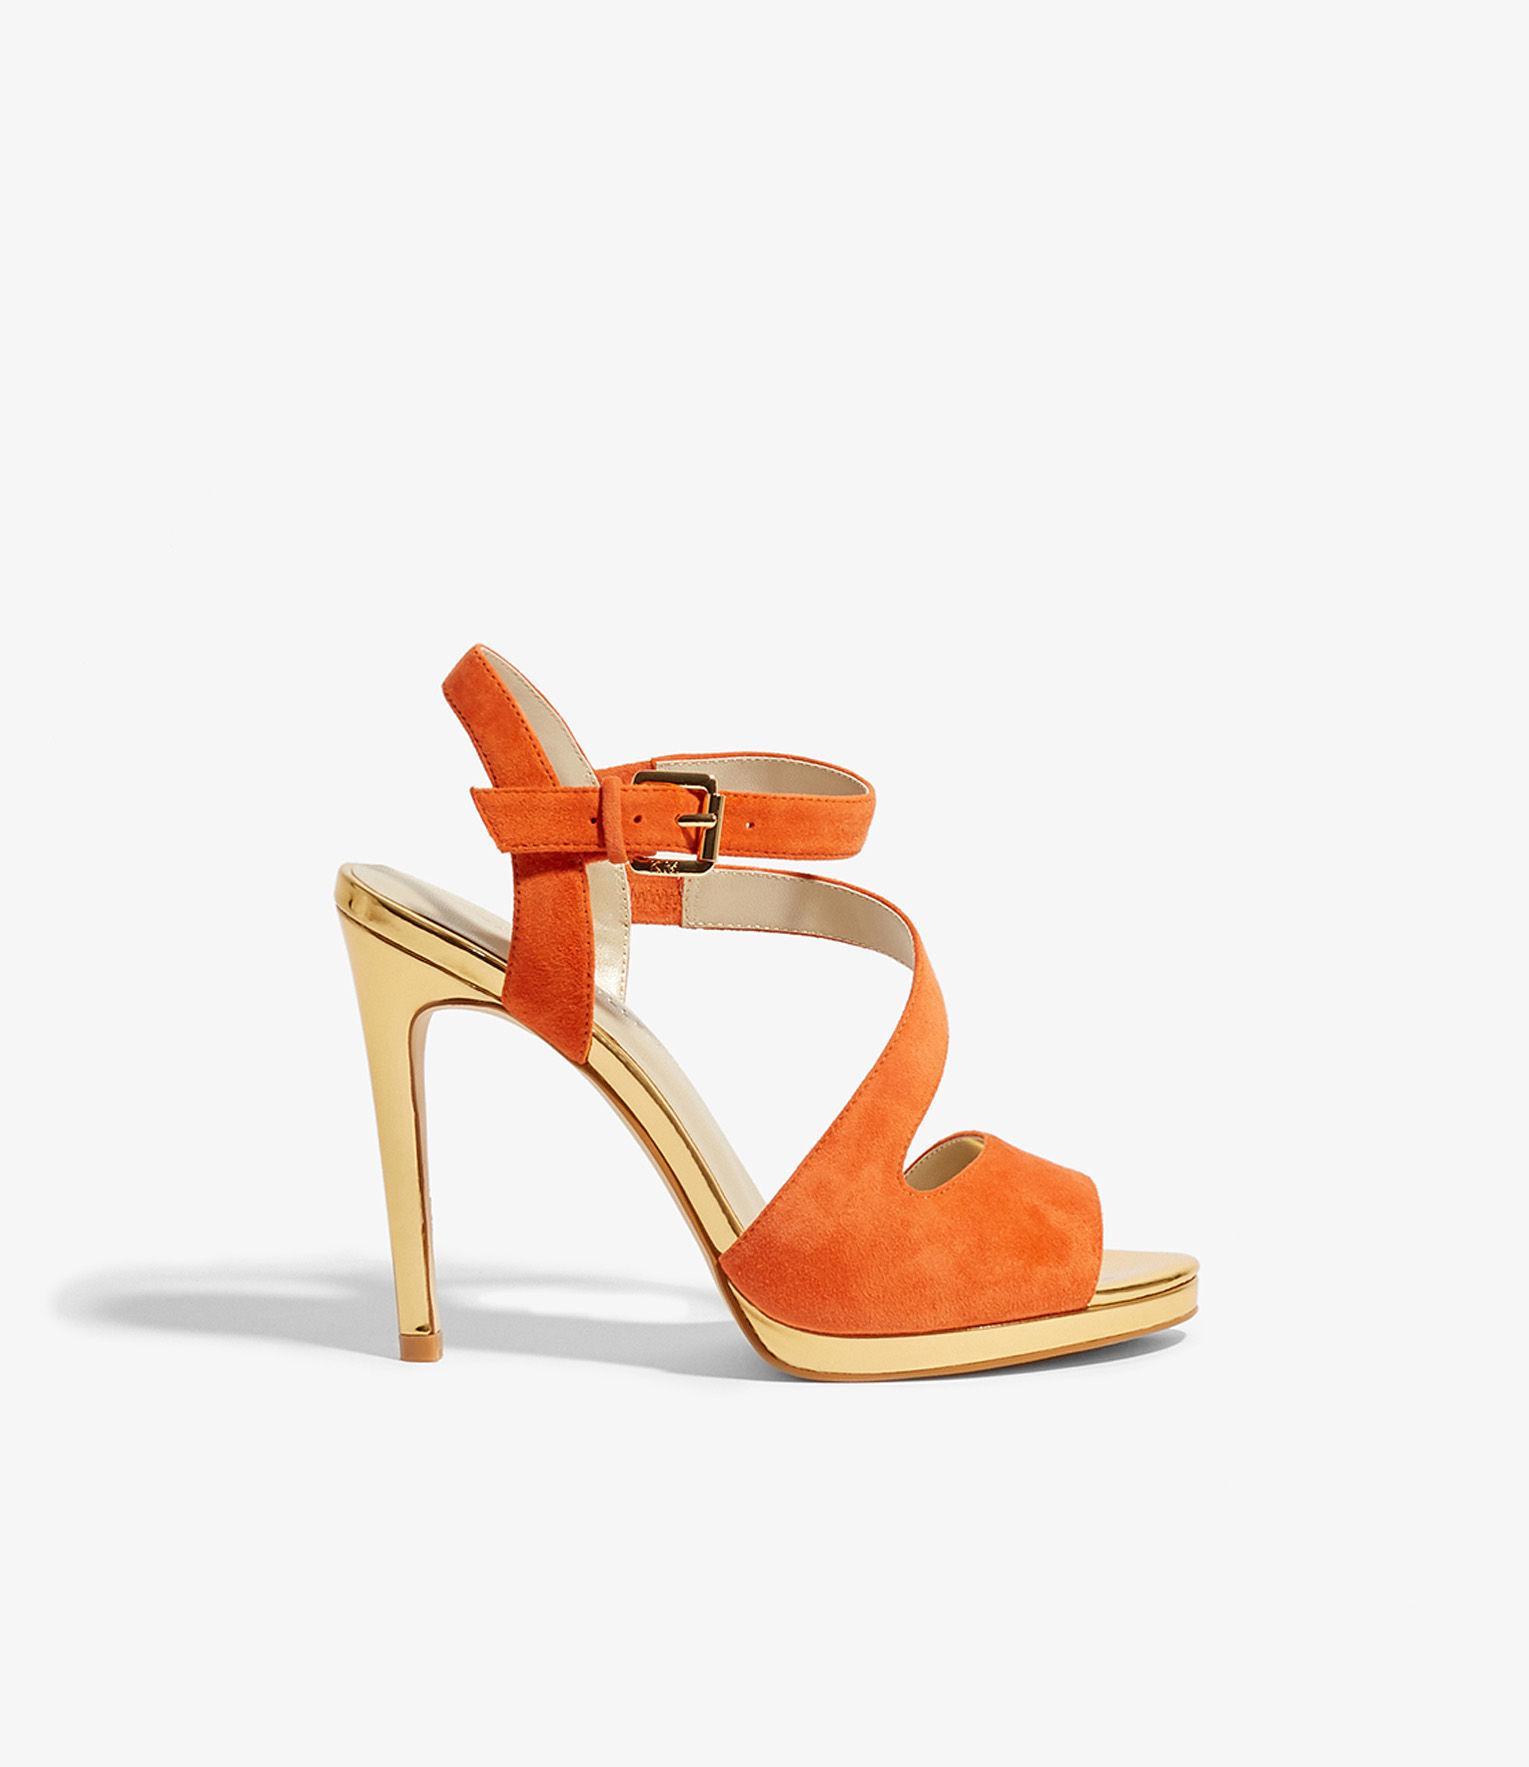 8ab3adec6a2 Lyst - Karen Millen Suede Strappy Heels in Orange